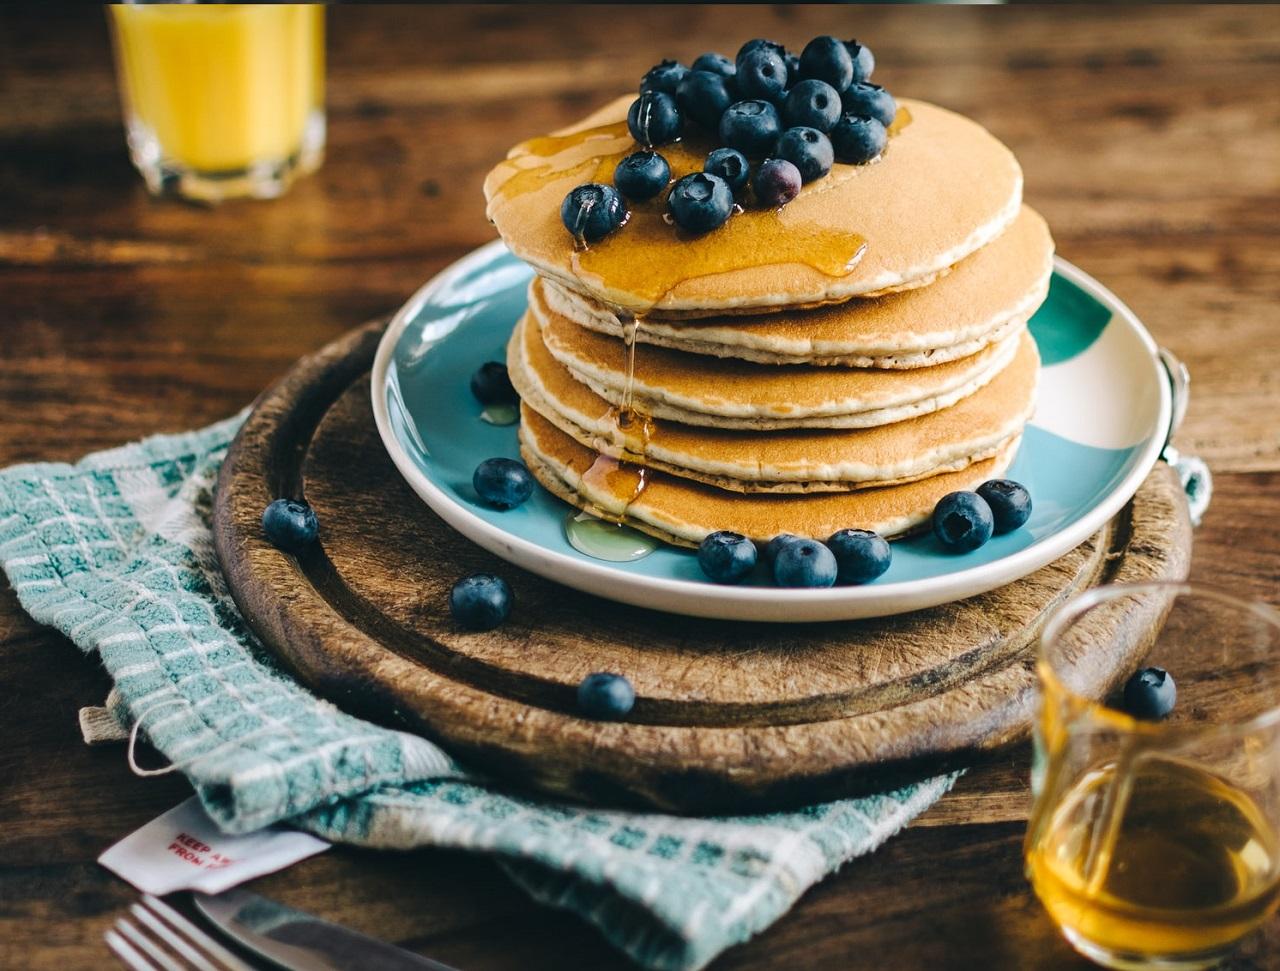 朝食は好きなものを食べる